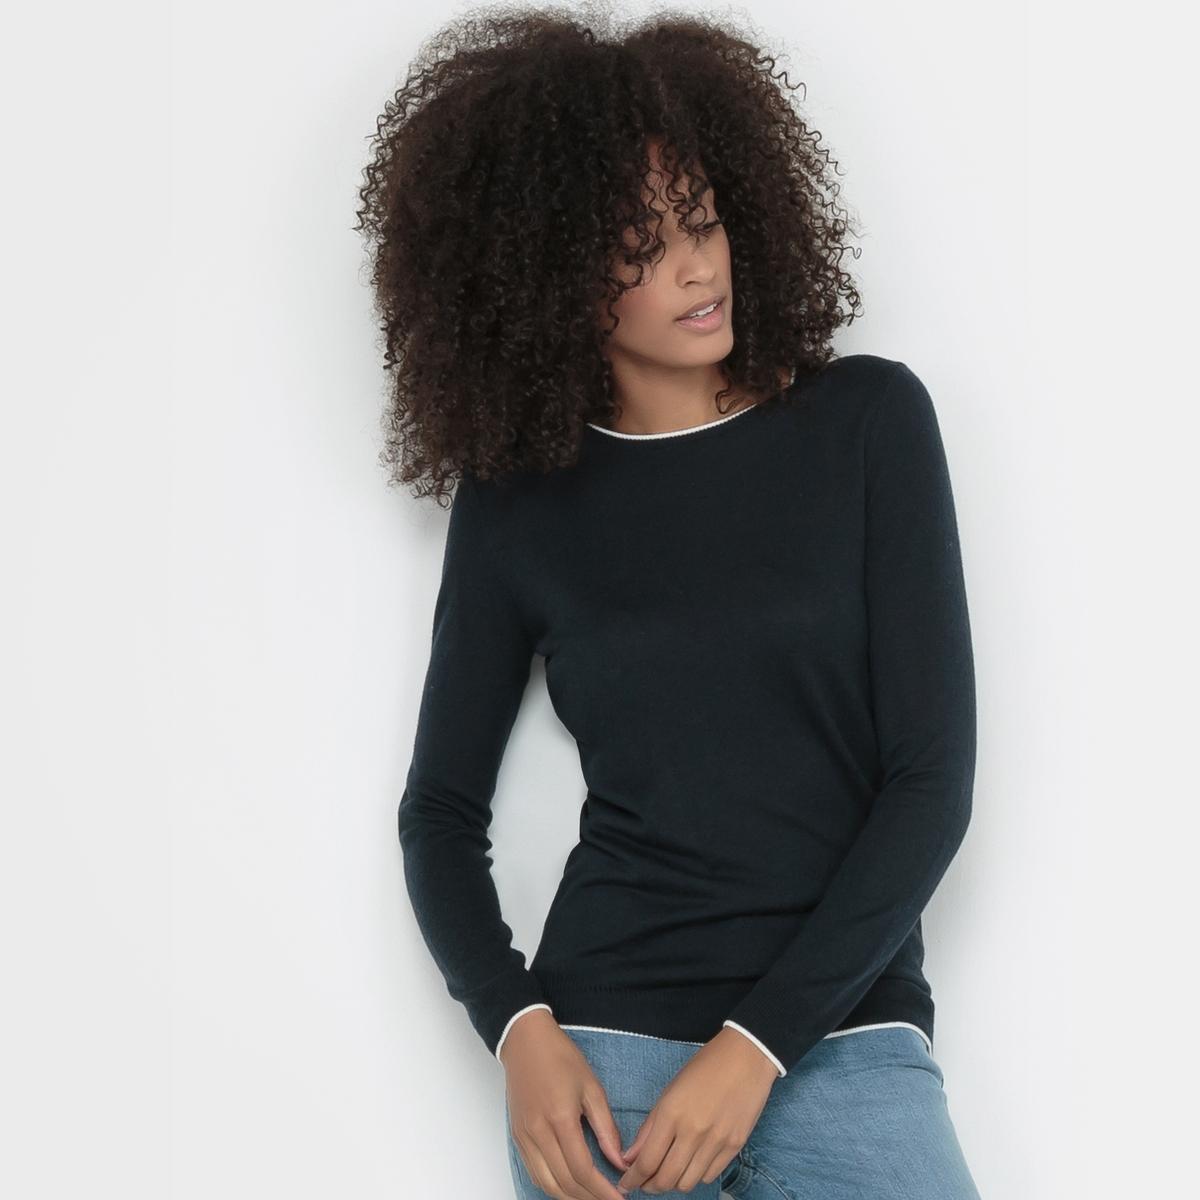 Пуловер с круглым вырезом из смешанной ткани с шерстью